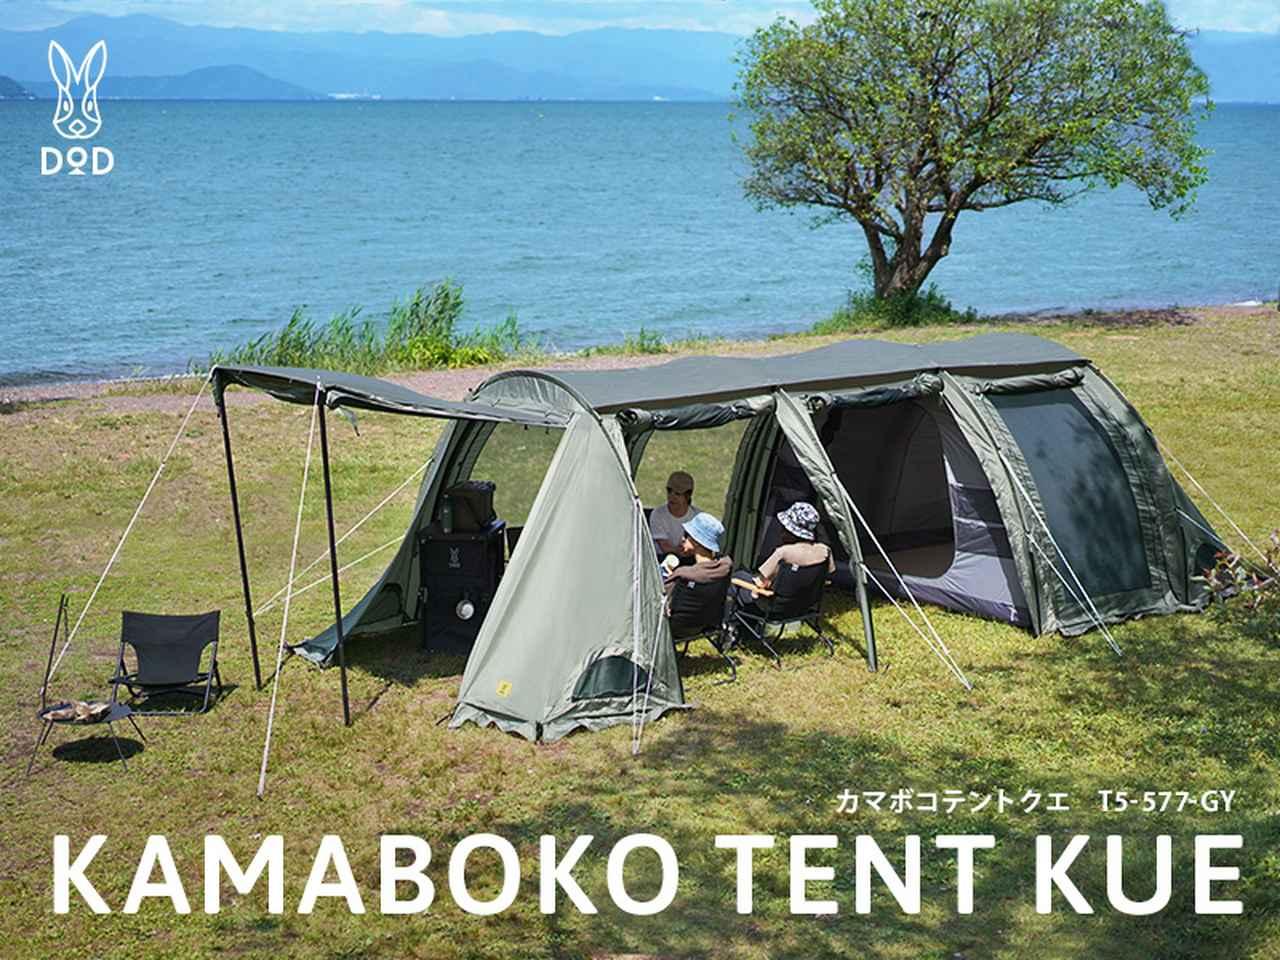 画像: カマボコテントクエ - DOD(ディーオーディー):キャンプ用品ブランド